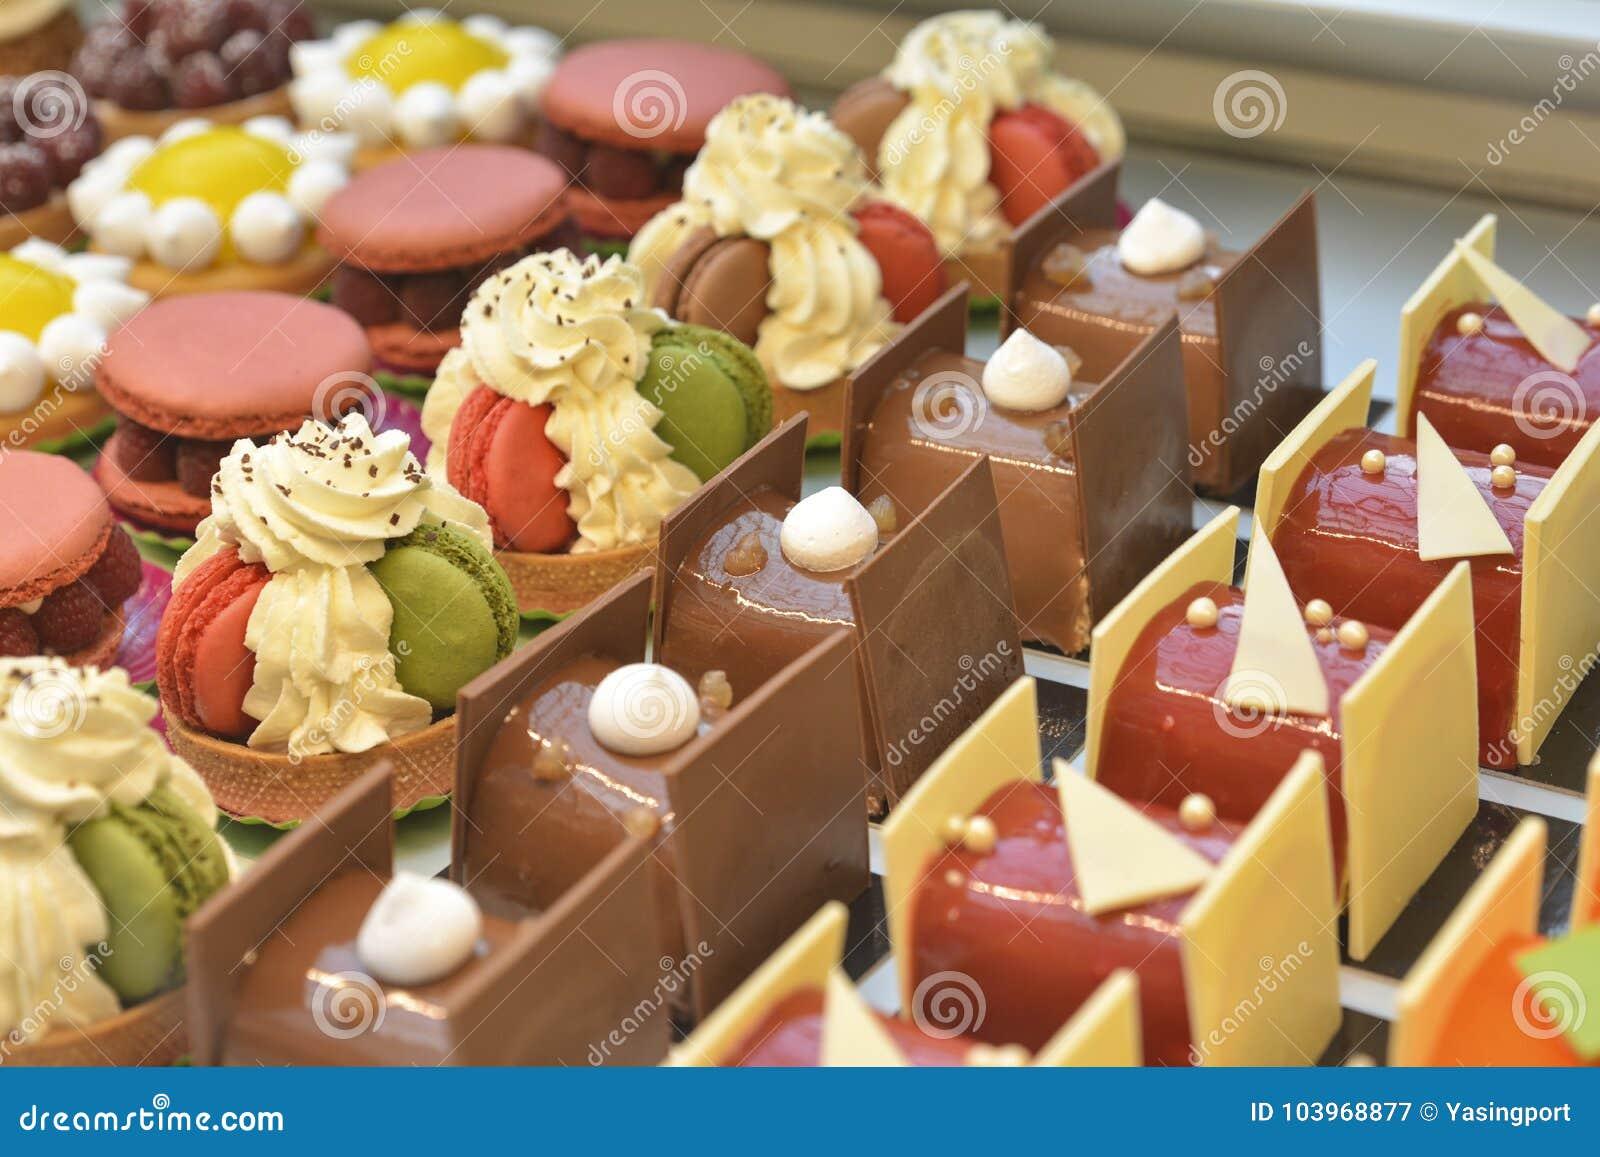 Pâtisseries françaises Le macaron et d autres de gâteaux de chocolat montrent dessus une boutique de confiserie